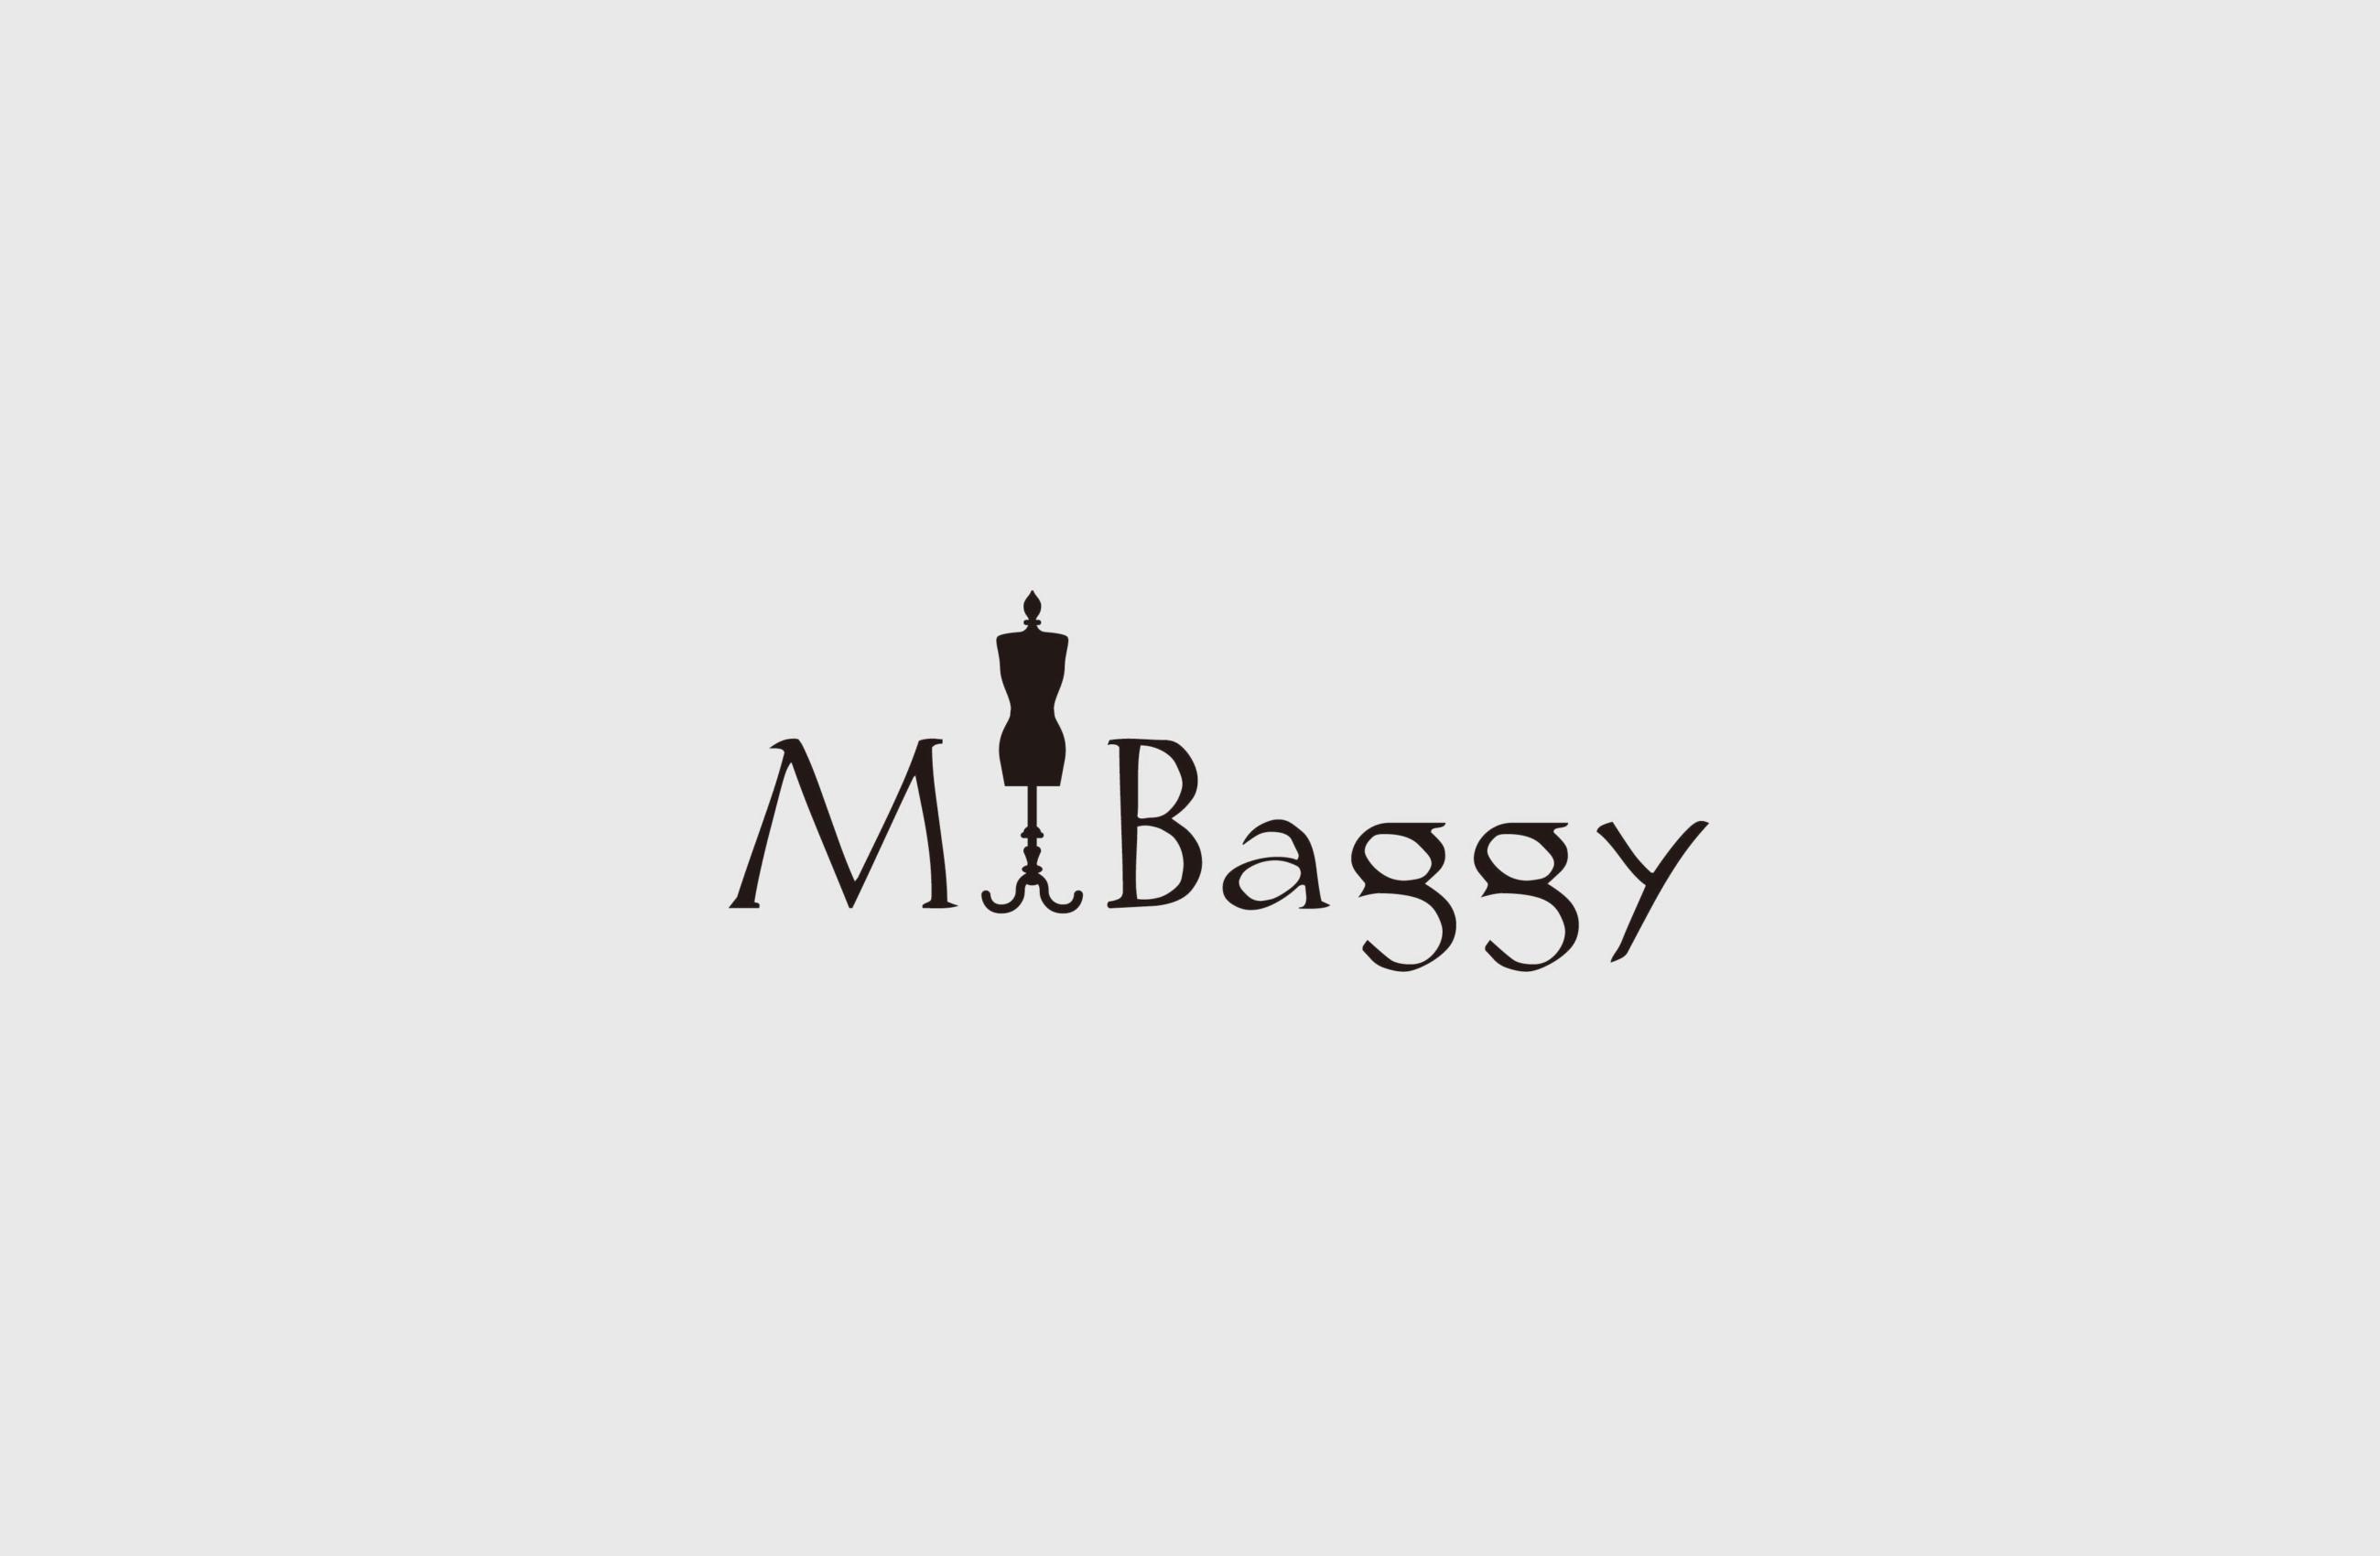 MBaggyLOGO1